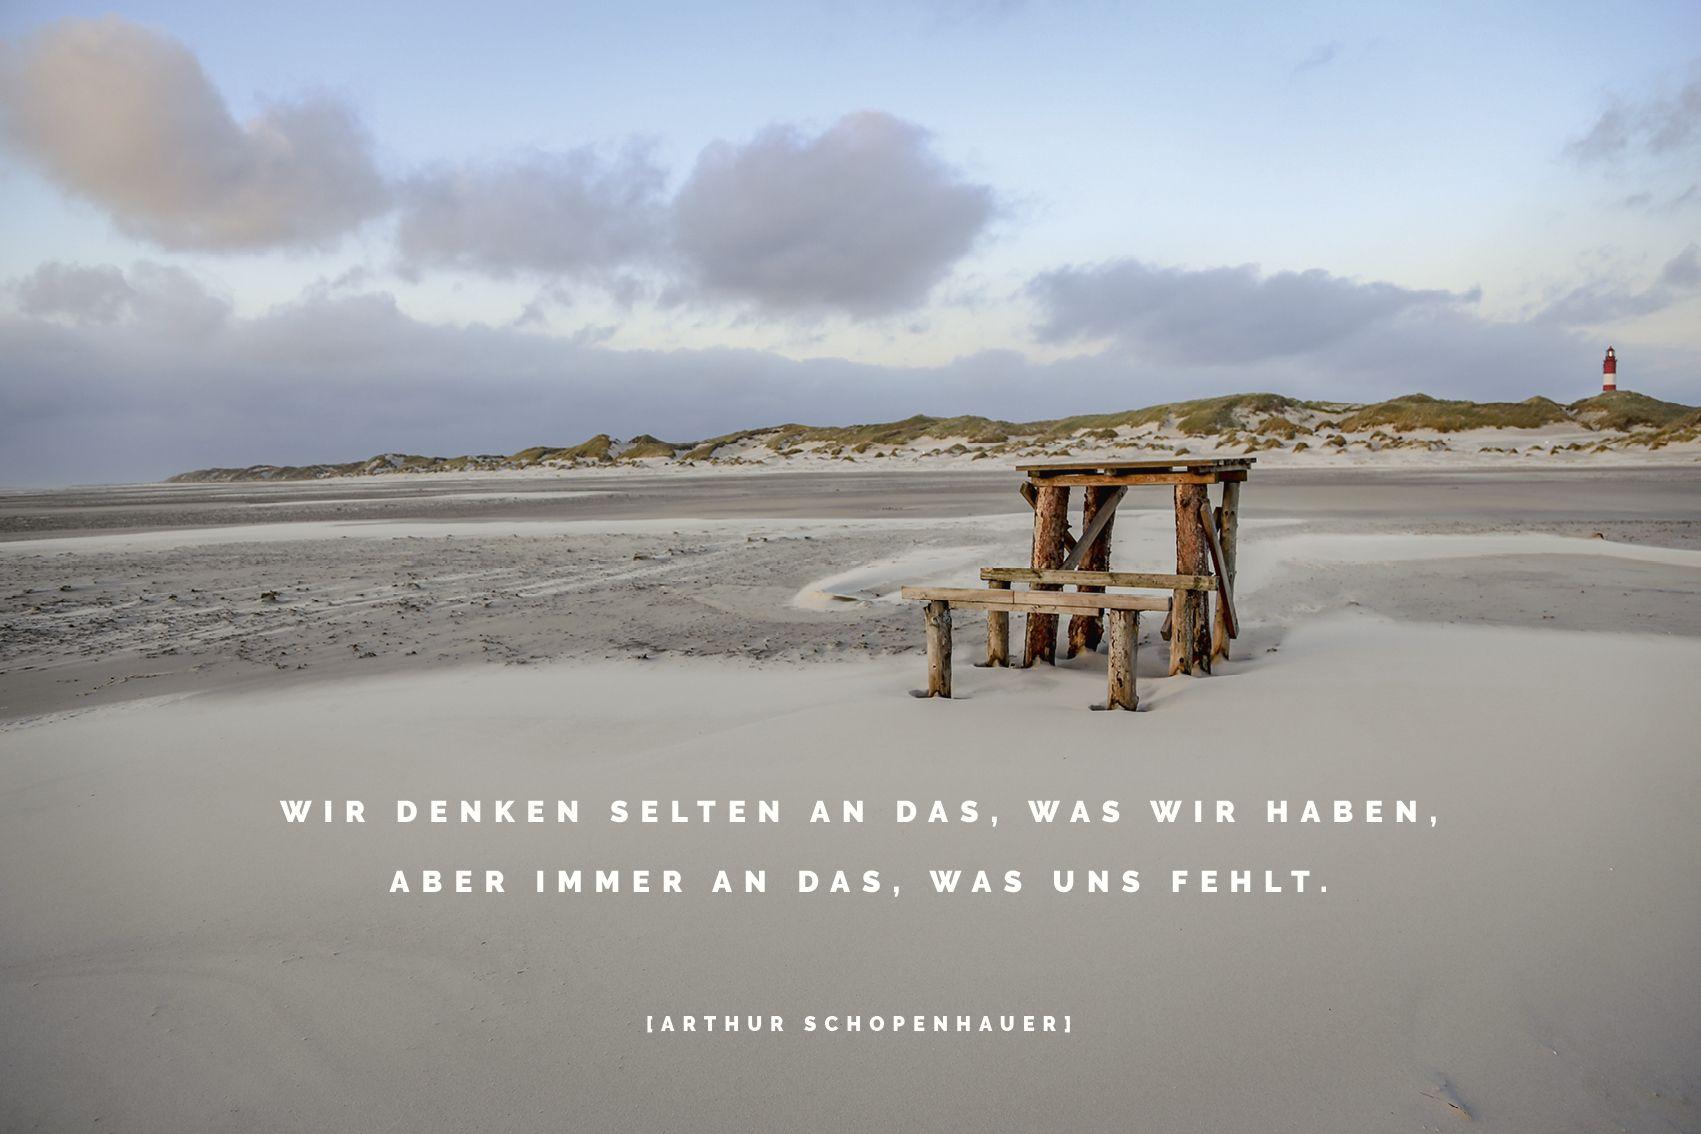 Am Strand Von Amrum Zitate Spruche Weisheiten